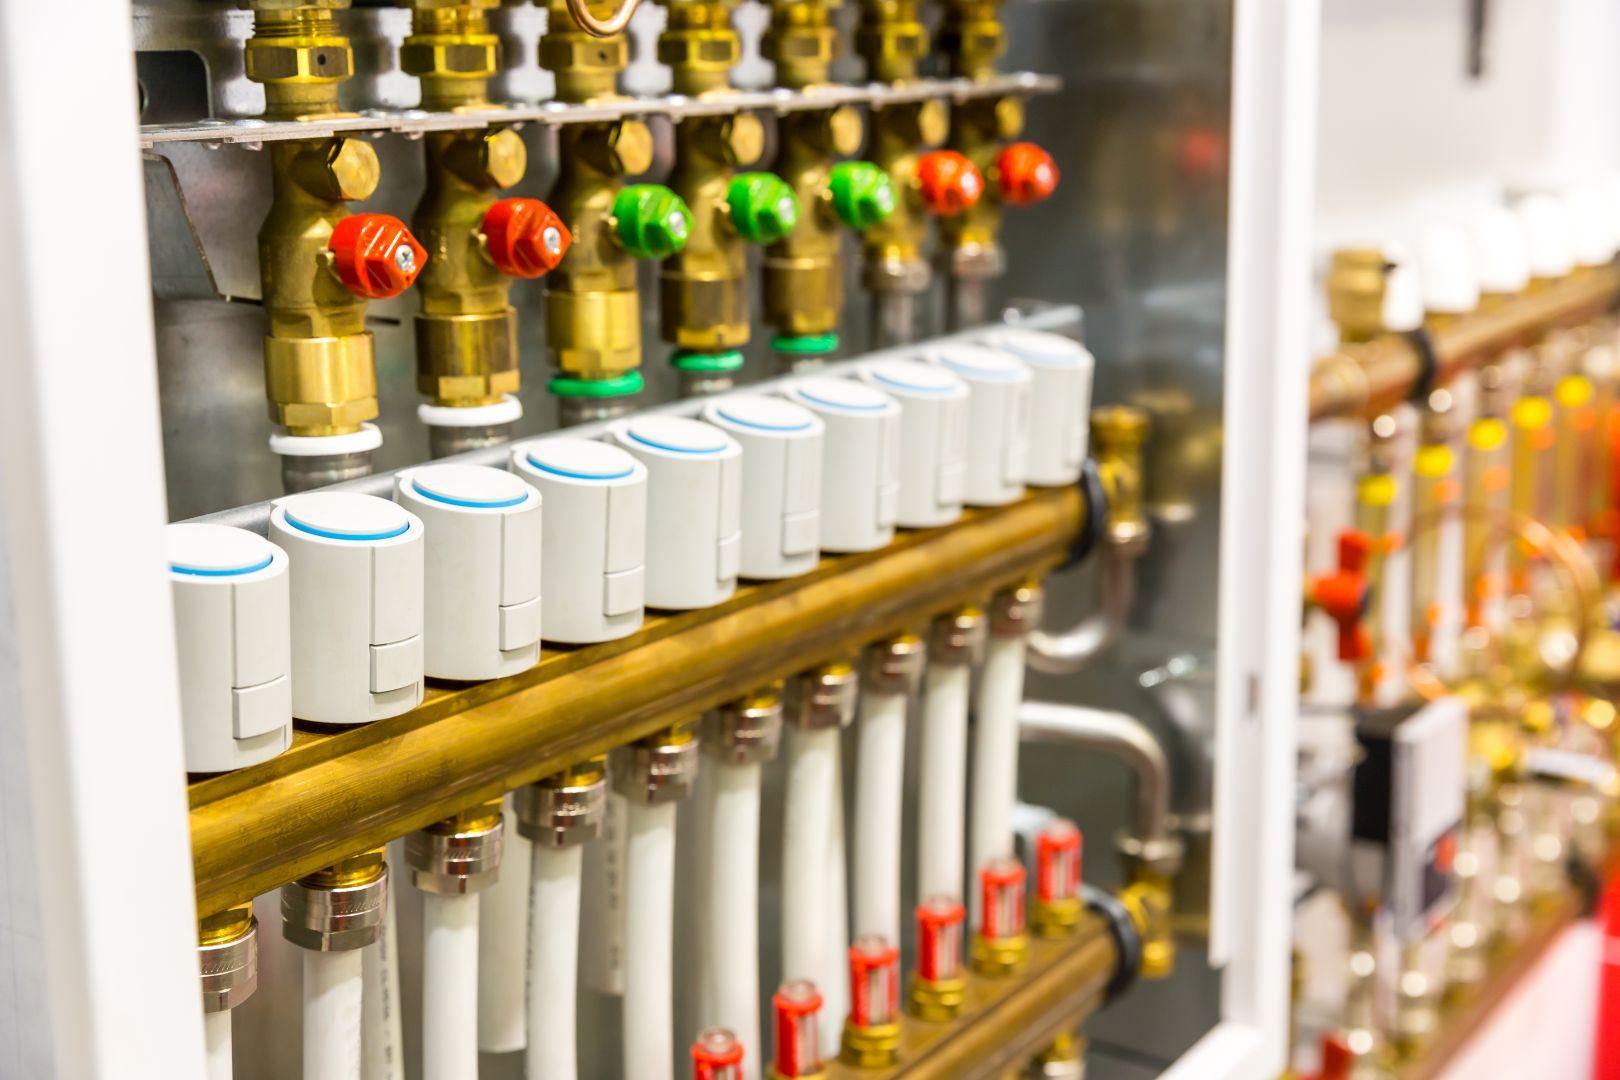 M-INŠTALACIJE, ogrevalne, vodovodne in klima naprave, d.o.o.003